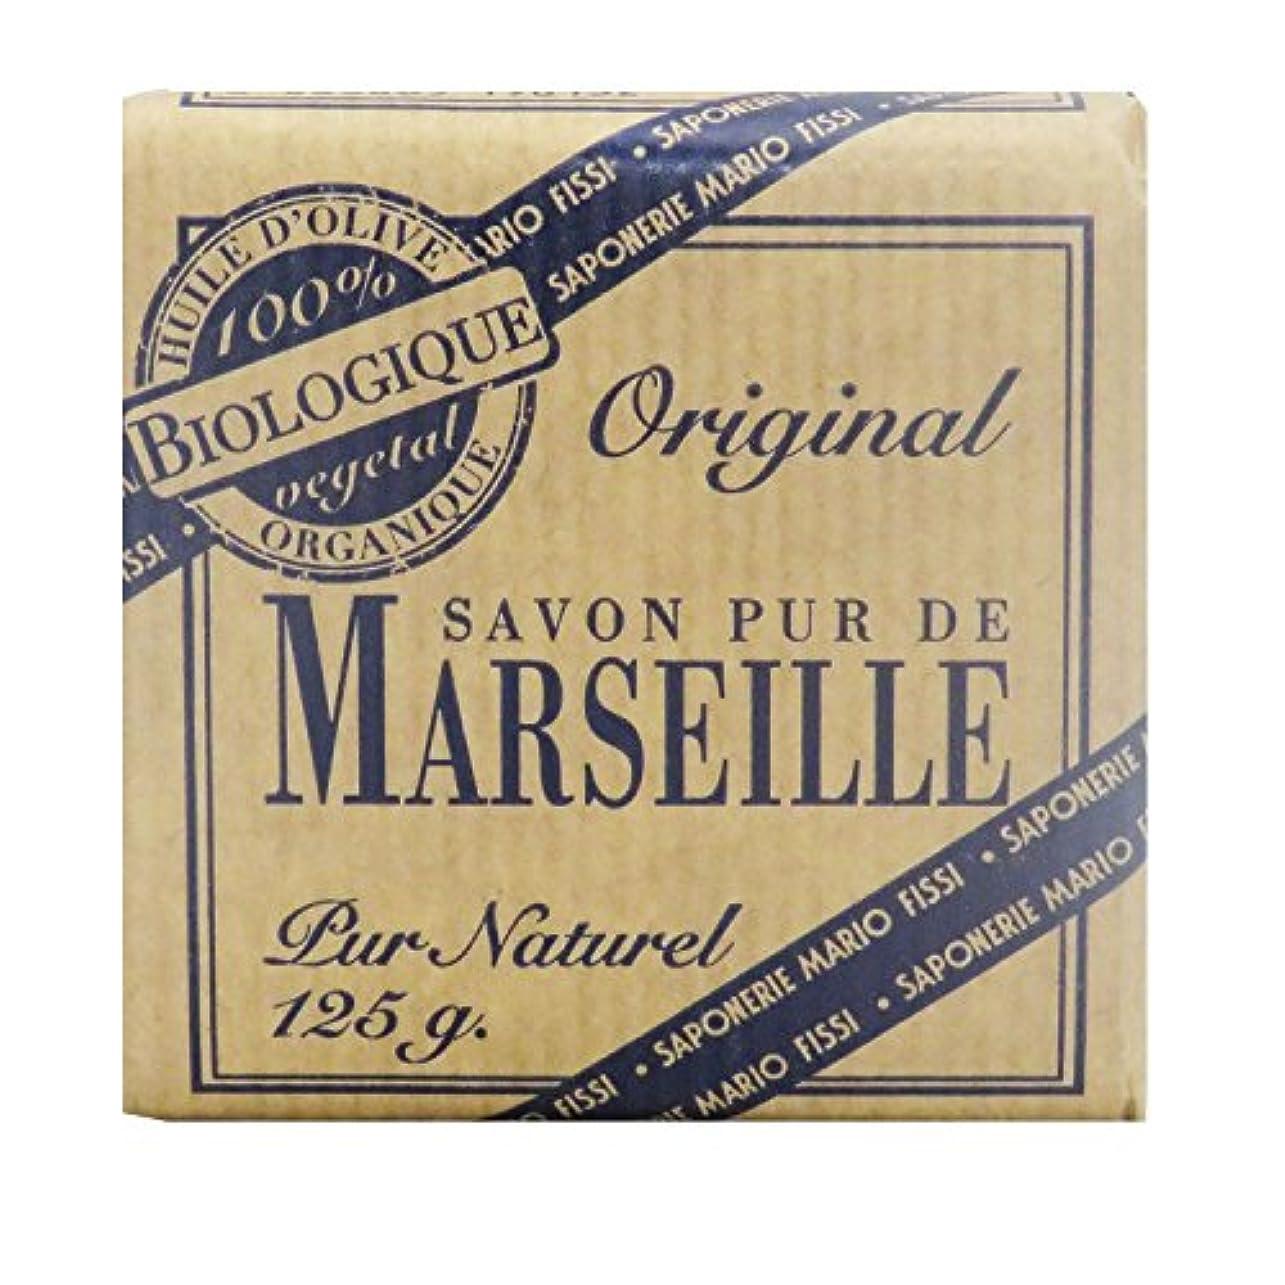 配管り会議Saponerire Fissi マルセイユシリーズ マルセイユソープ 125g Original オリジナル